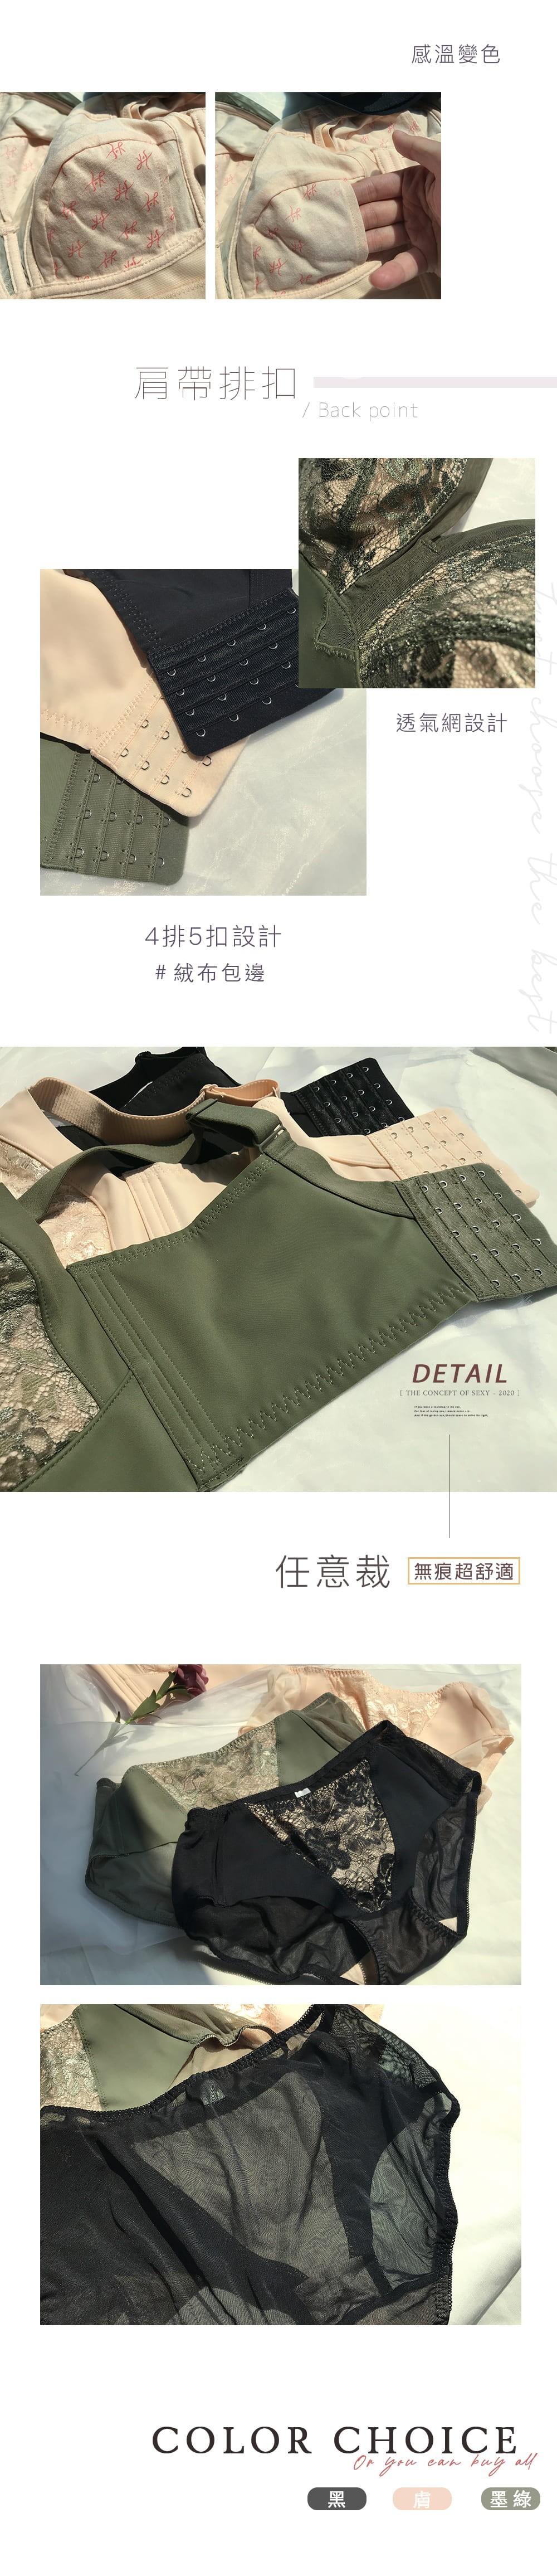 無鋼圈【晨曦時光】超薄調整型內衣單件 3色